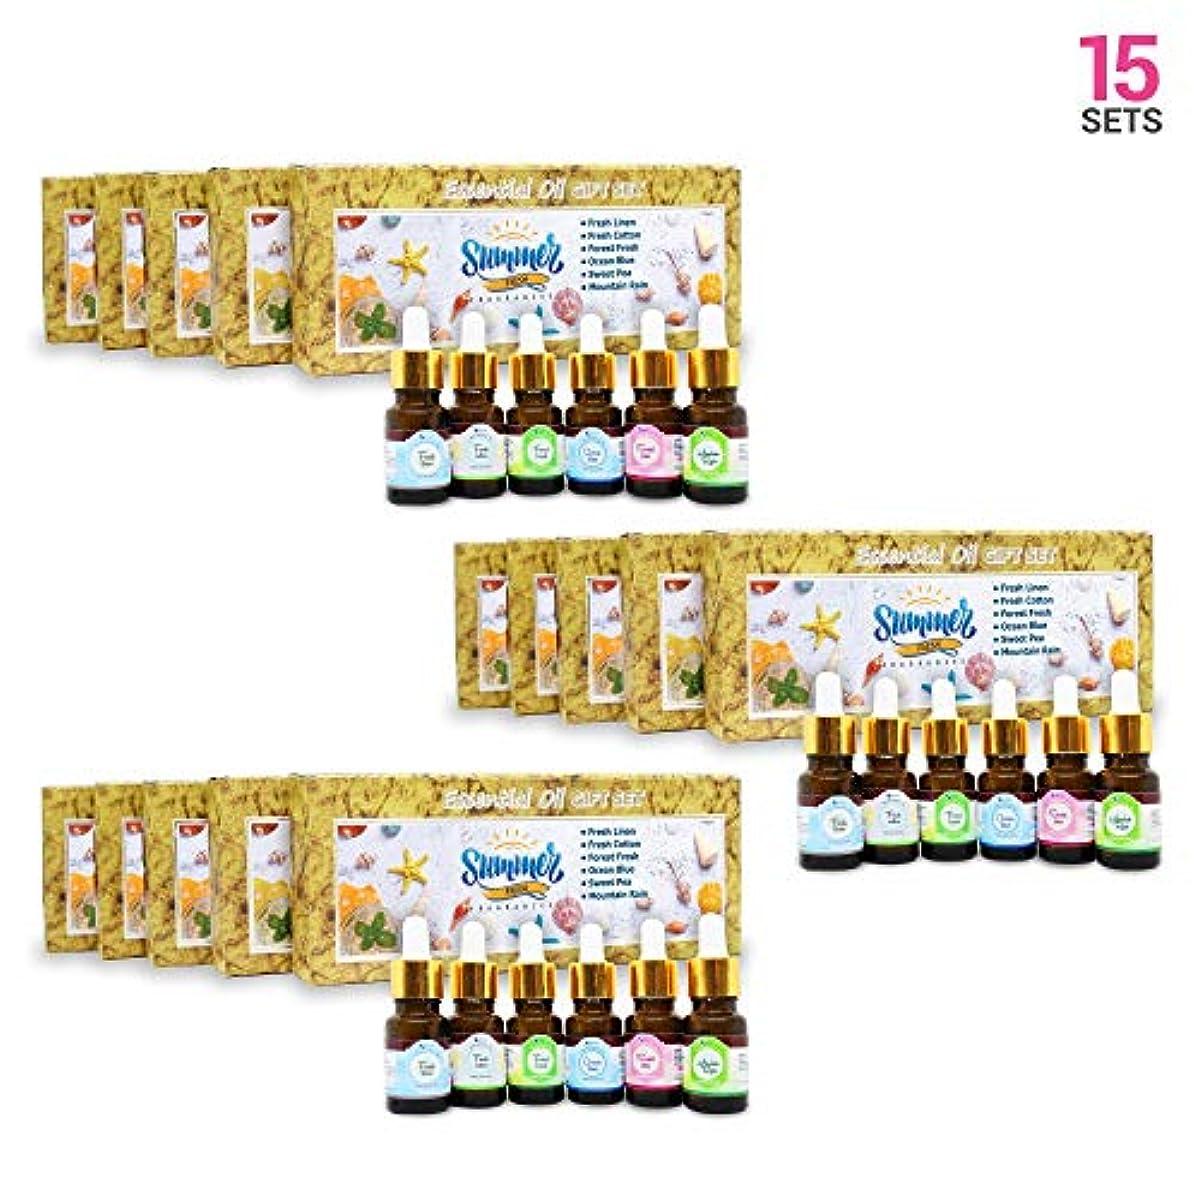 スクラップドリンクきょうだいAromatherapy Fragrance Oils (Set of 15) - 100% Natural Therapeutic Essential Oils, 10ml each (Fresh Linen, Fresh...